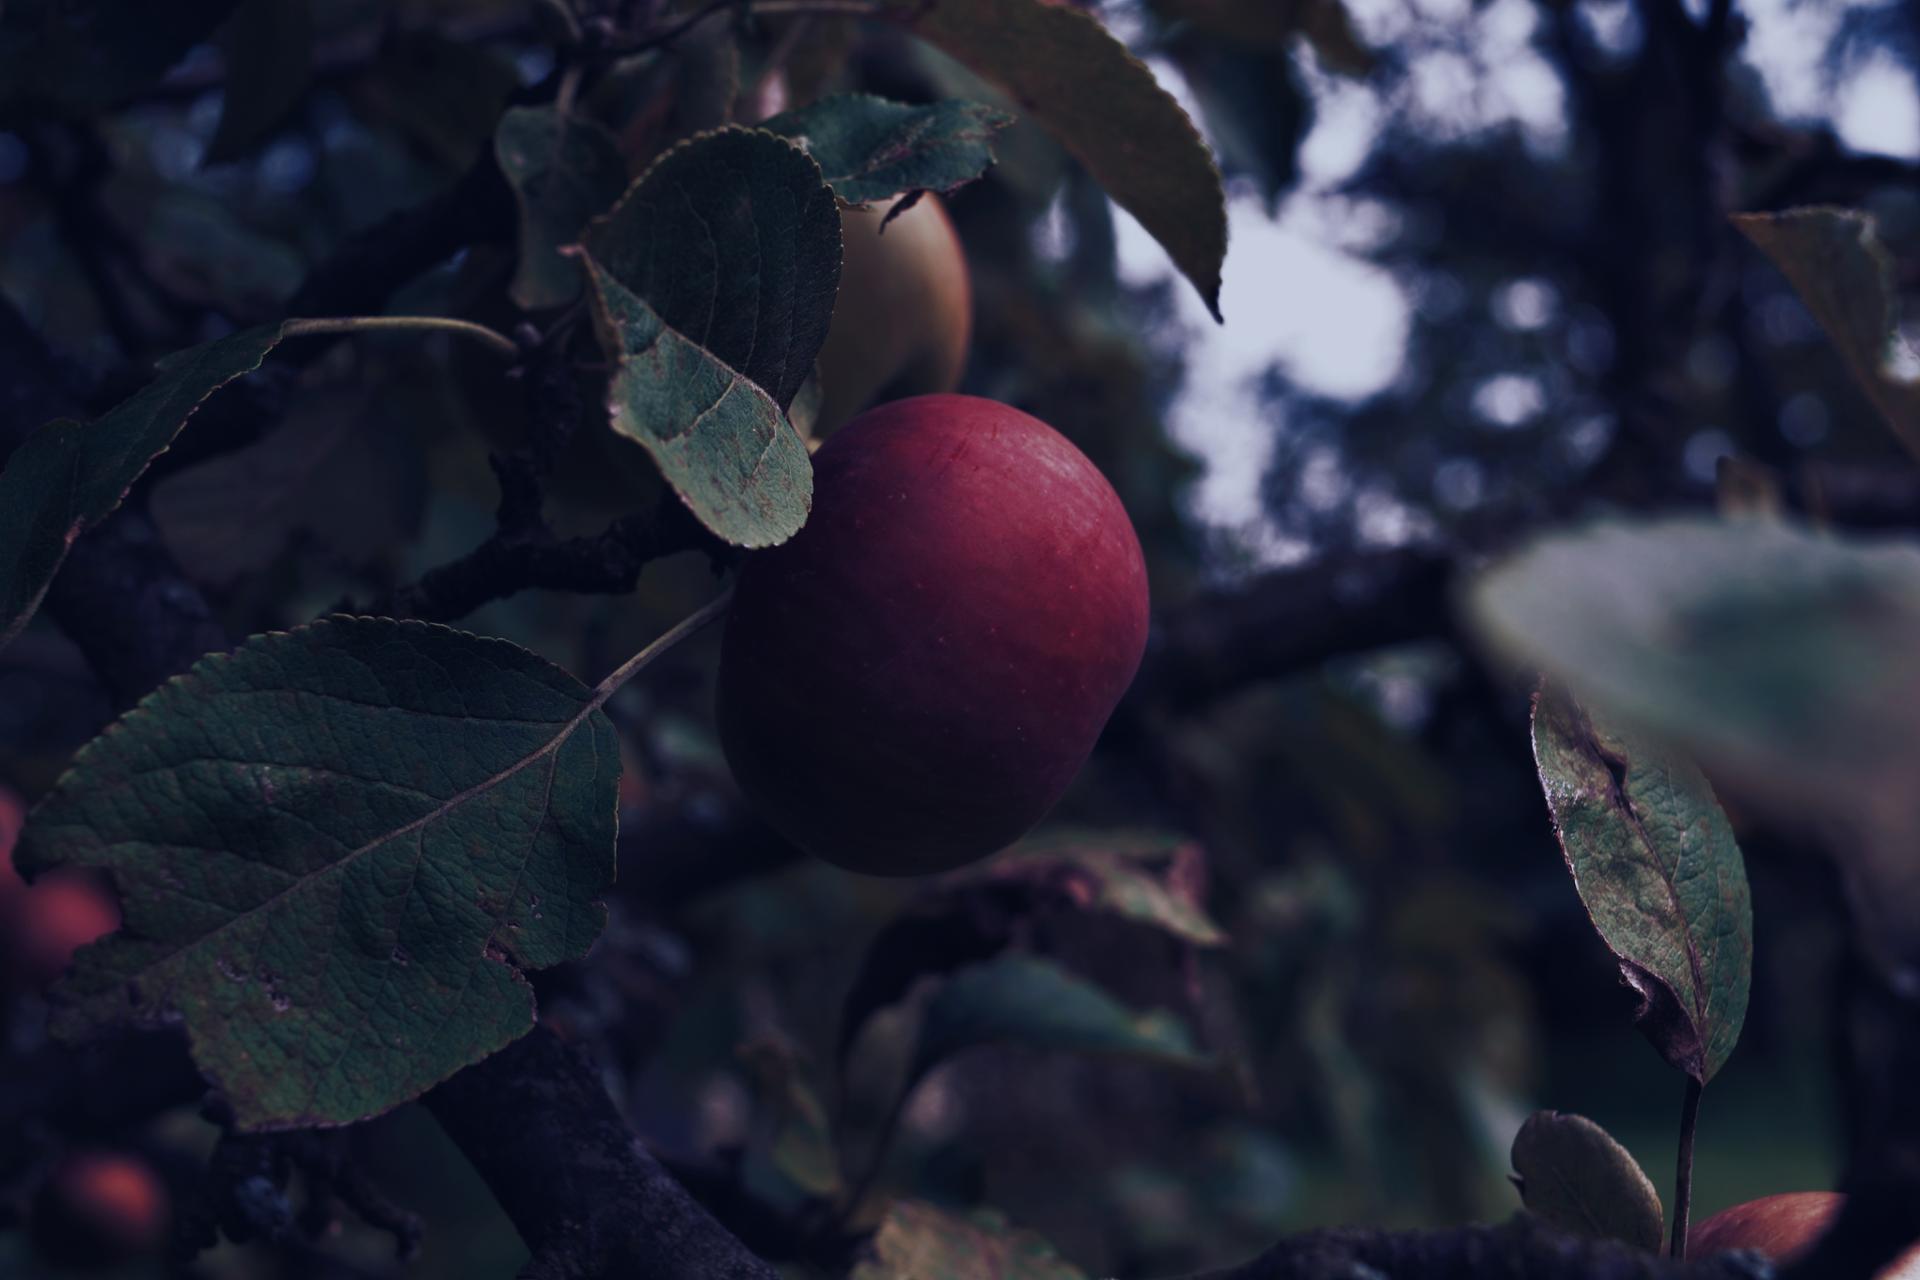 La pomme rouge.